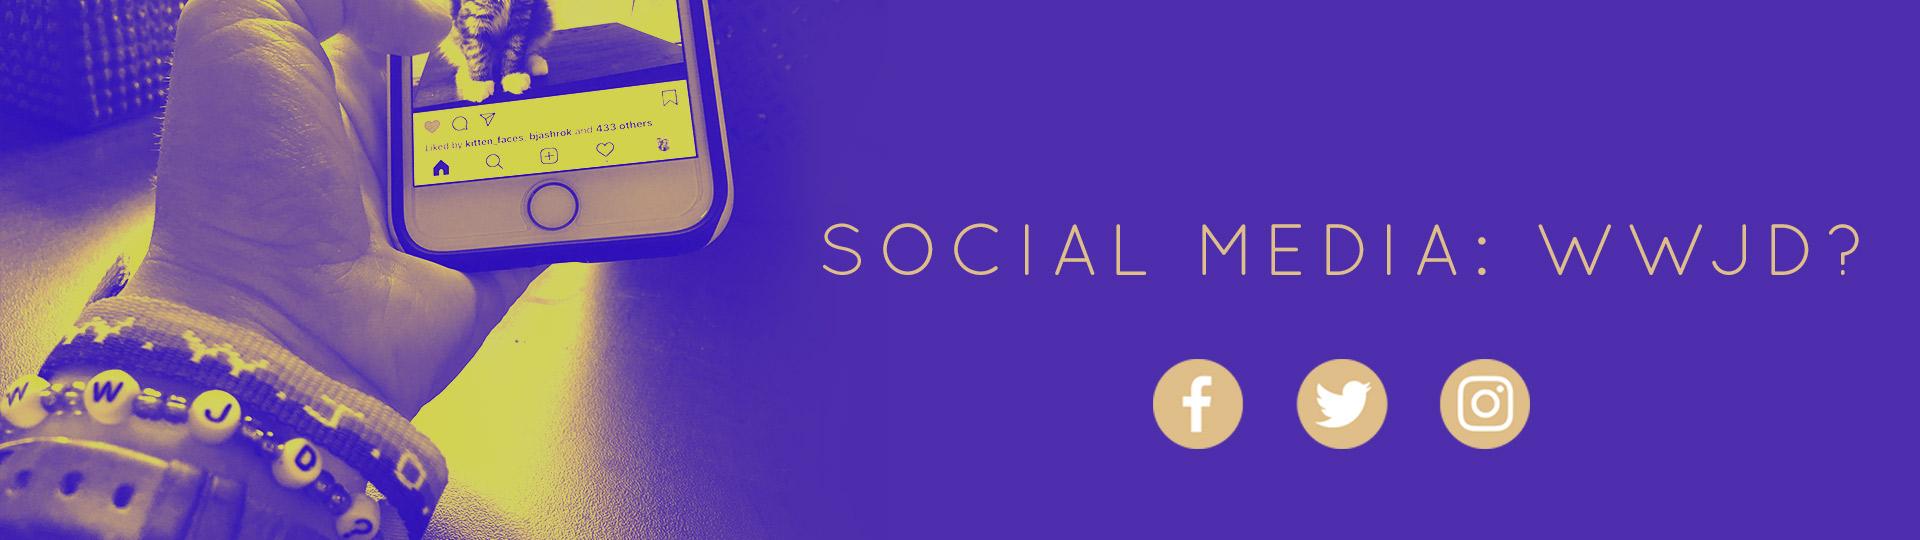 Social-Media-WWJD.jpg